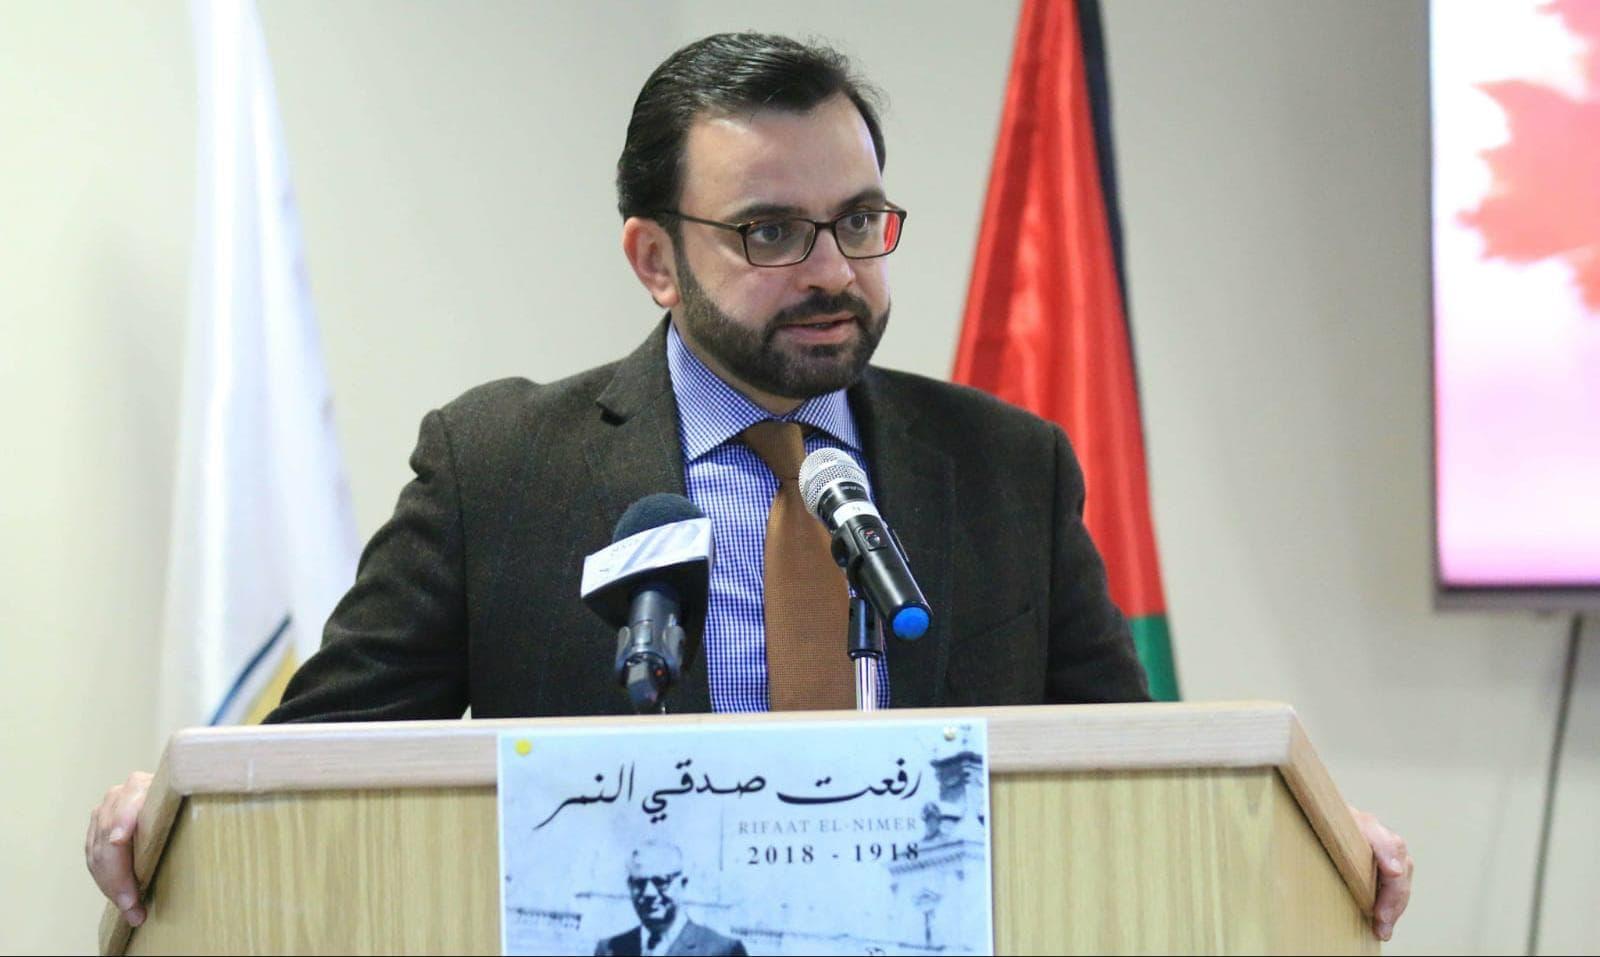 وزير الثقافة ايهاب بسيسو